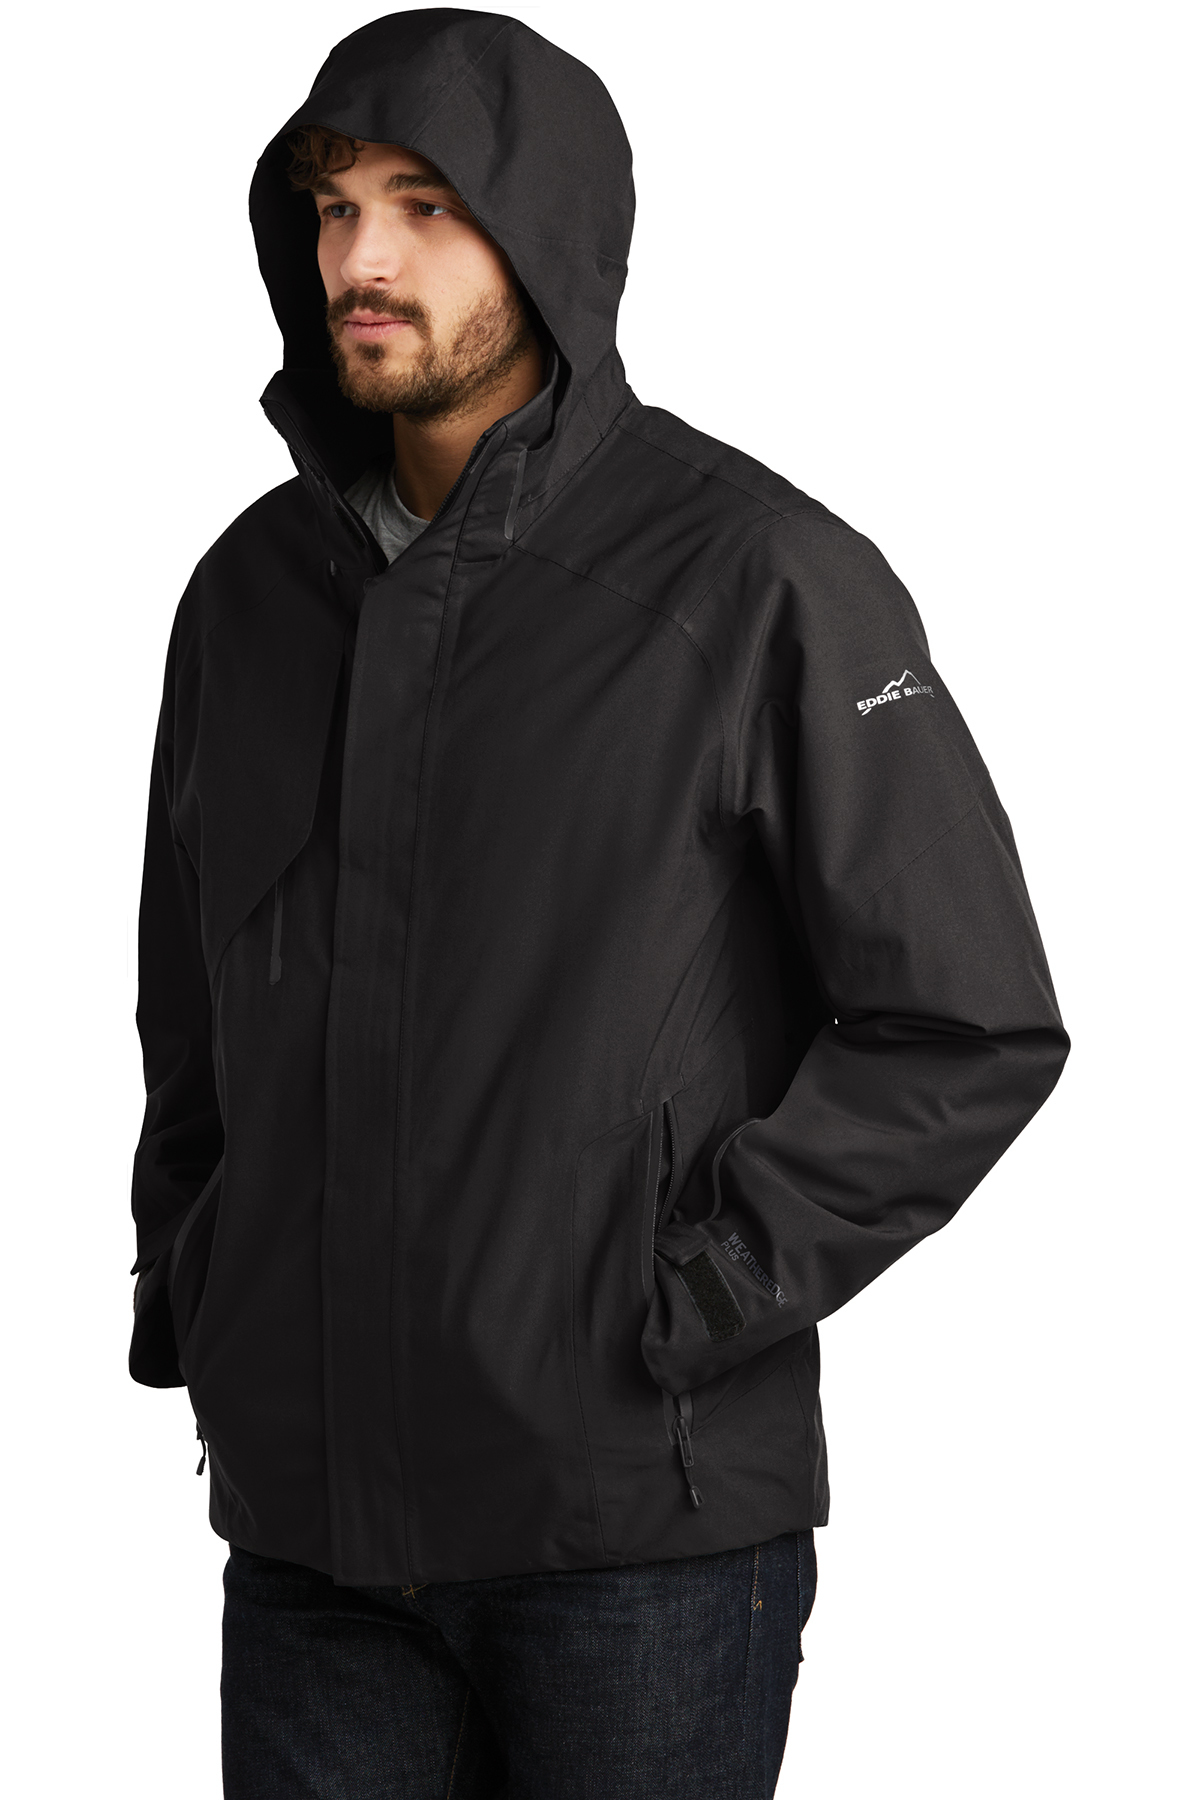 eddie bauer u00ae weatheredge u00ae plus insulated jacket